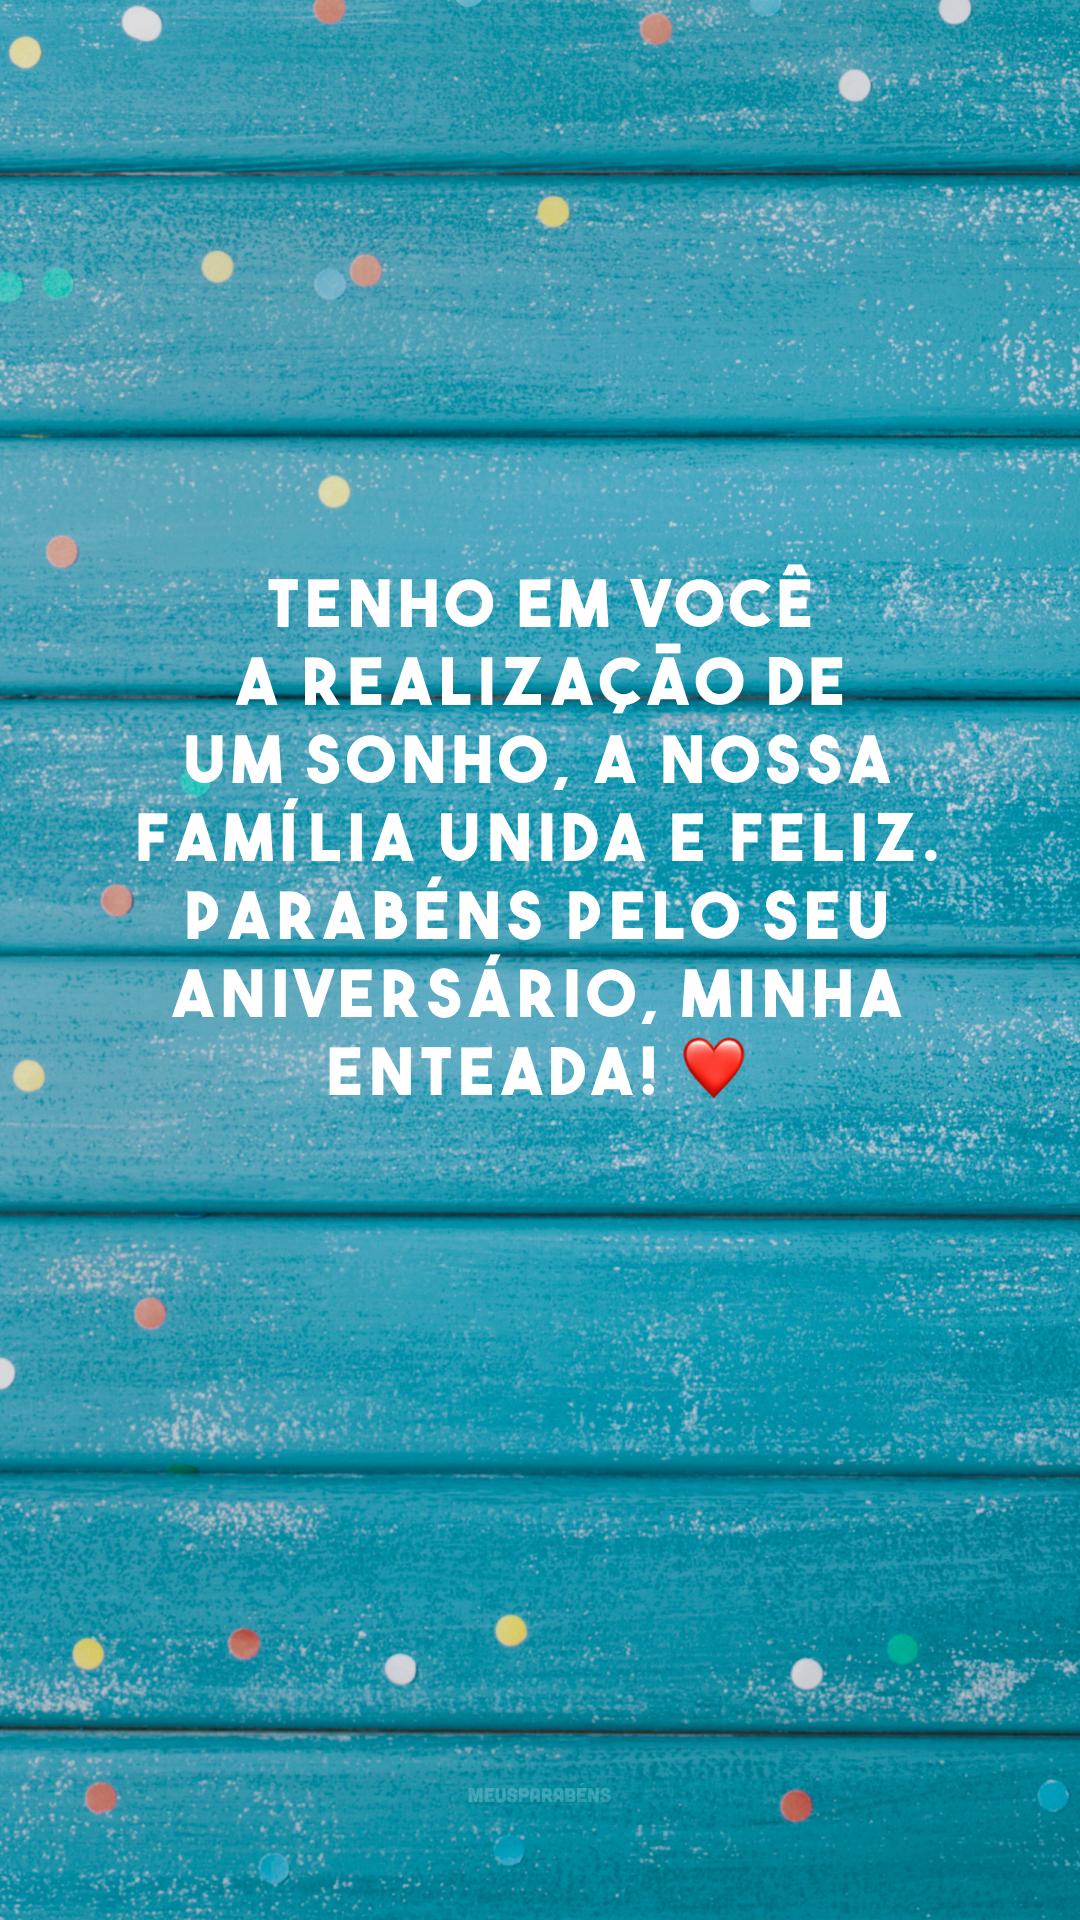 Tenho em você a realização de um sonho, a nossa família unida e feliz. Parabéns pelo seu aniversário, minha enteada! ❤️